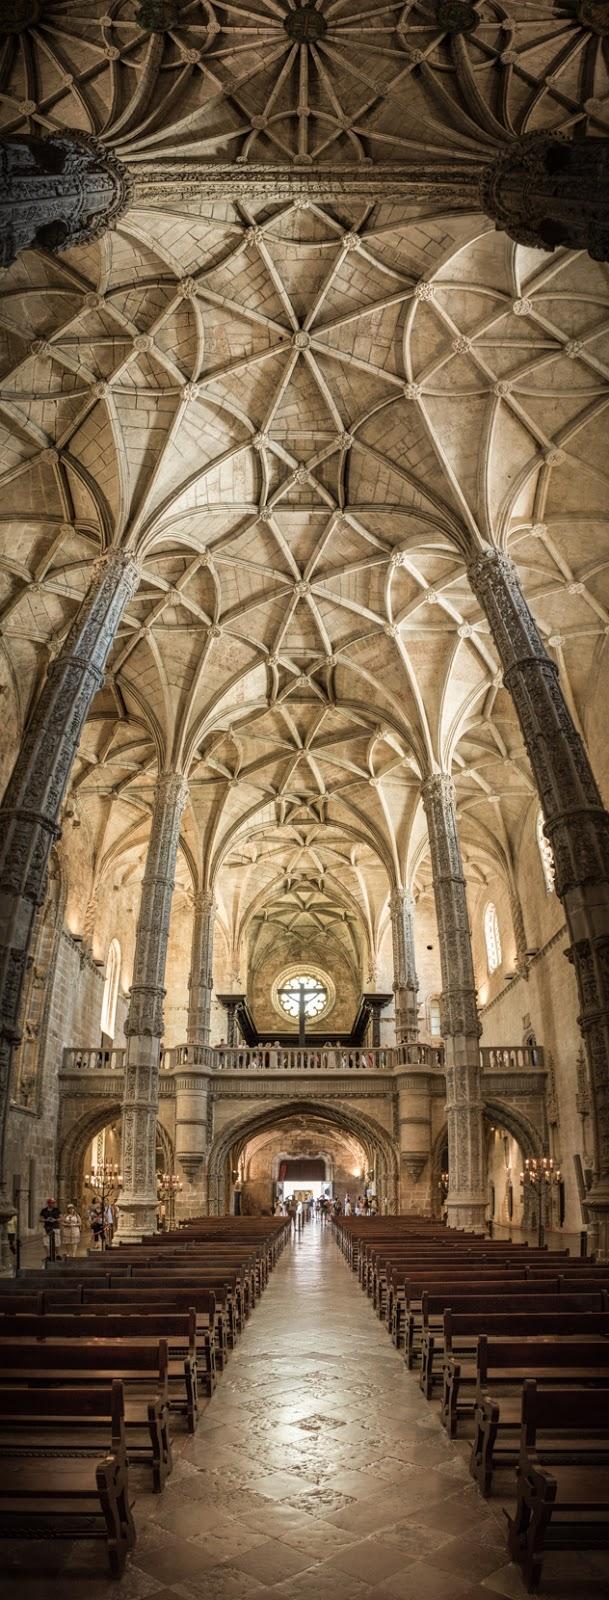 Nave de la iglesia, desde el altar hacia el coro :: Panorámica 16 x Canon EOS5D MkIII | ISO1600 | Canon 17-40@40mm | f/4.0 | 1/30s